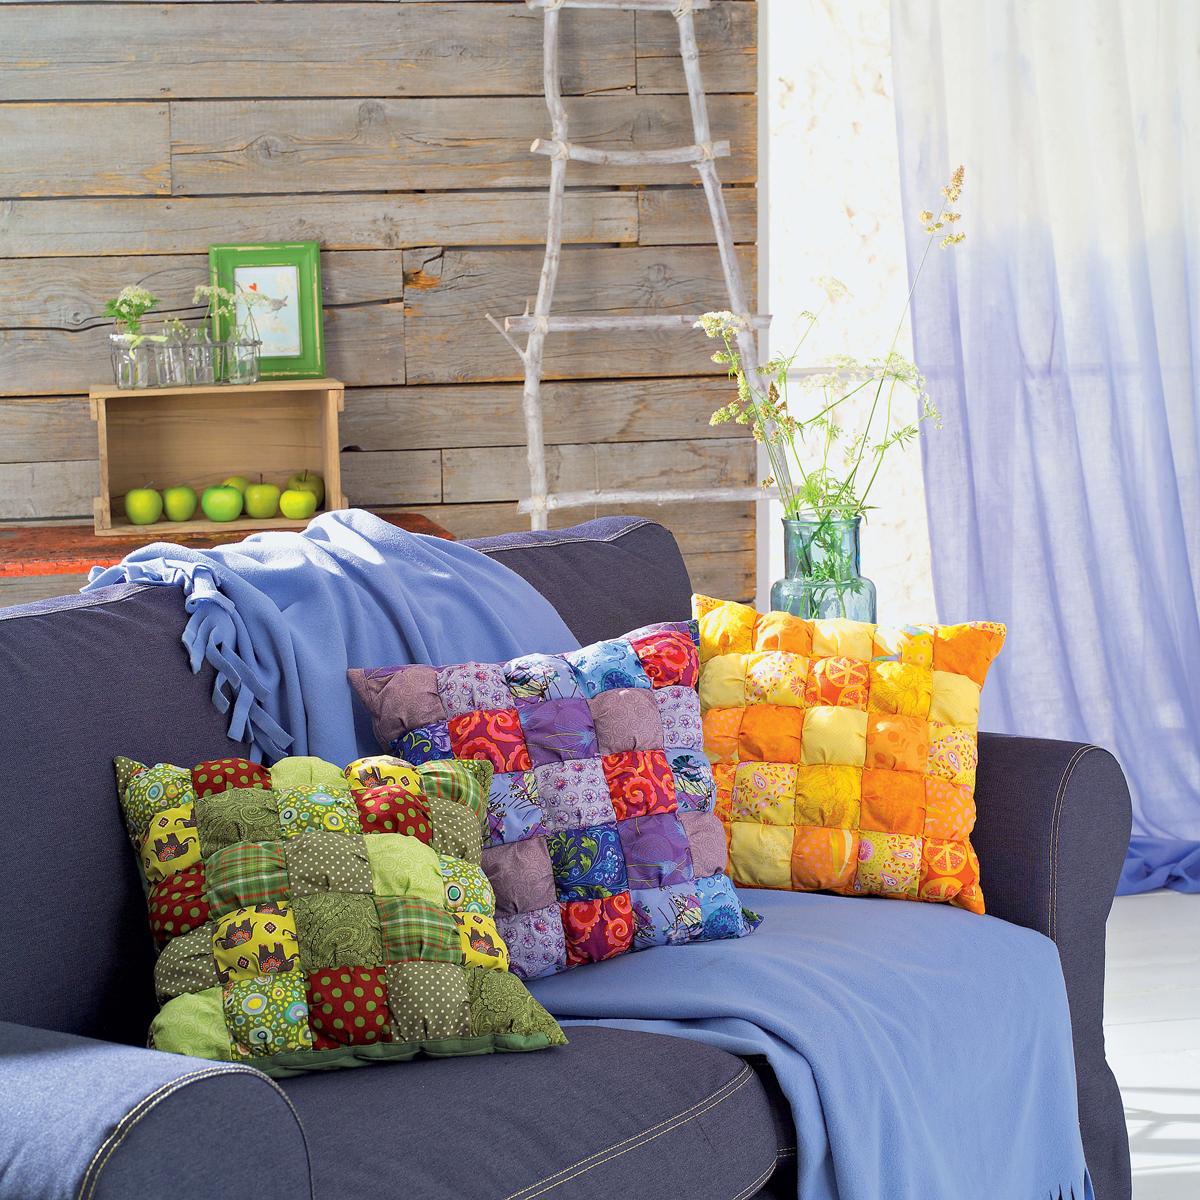 podushki-v-stile-pechvork-1 Цветочные пэчворк подушки своими руками схемы